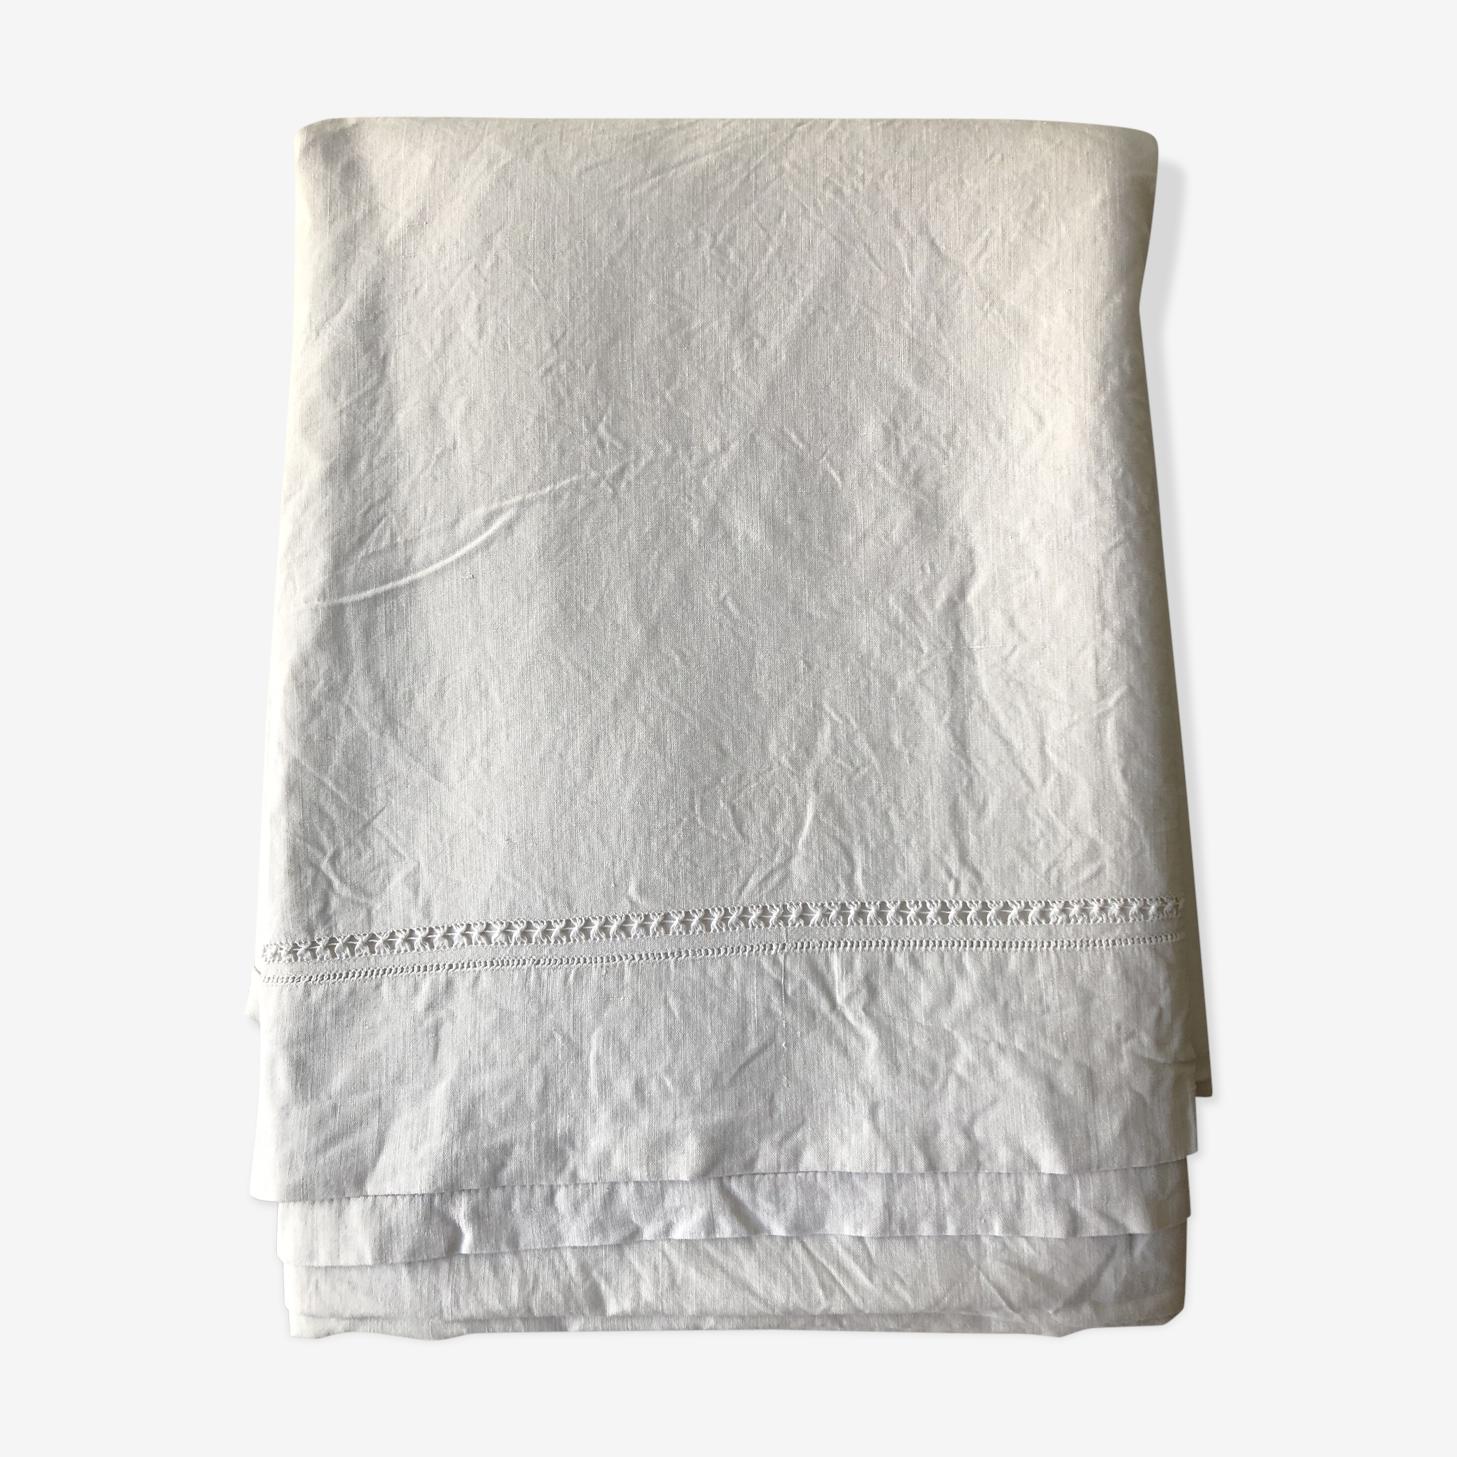 Drap ancien en coton décor ajouré